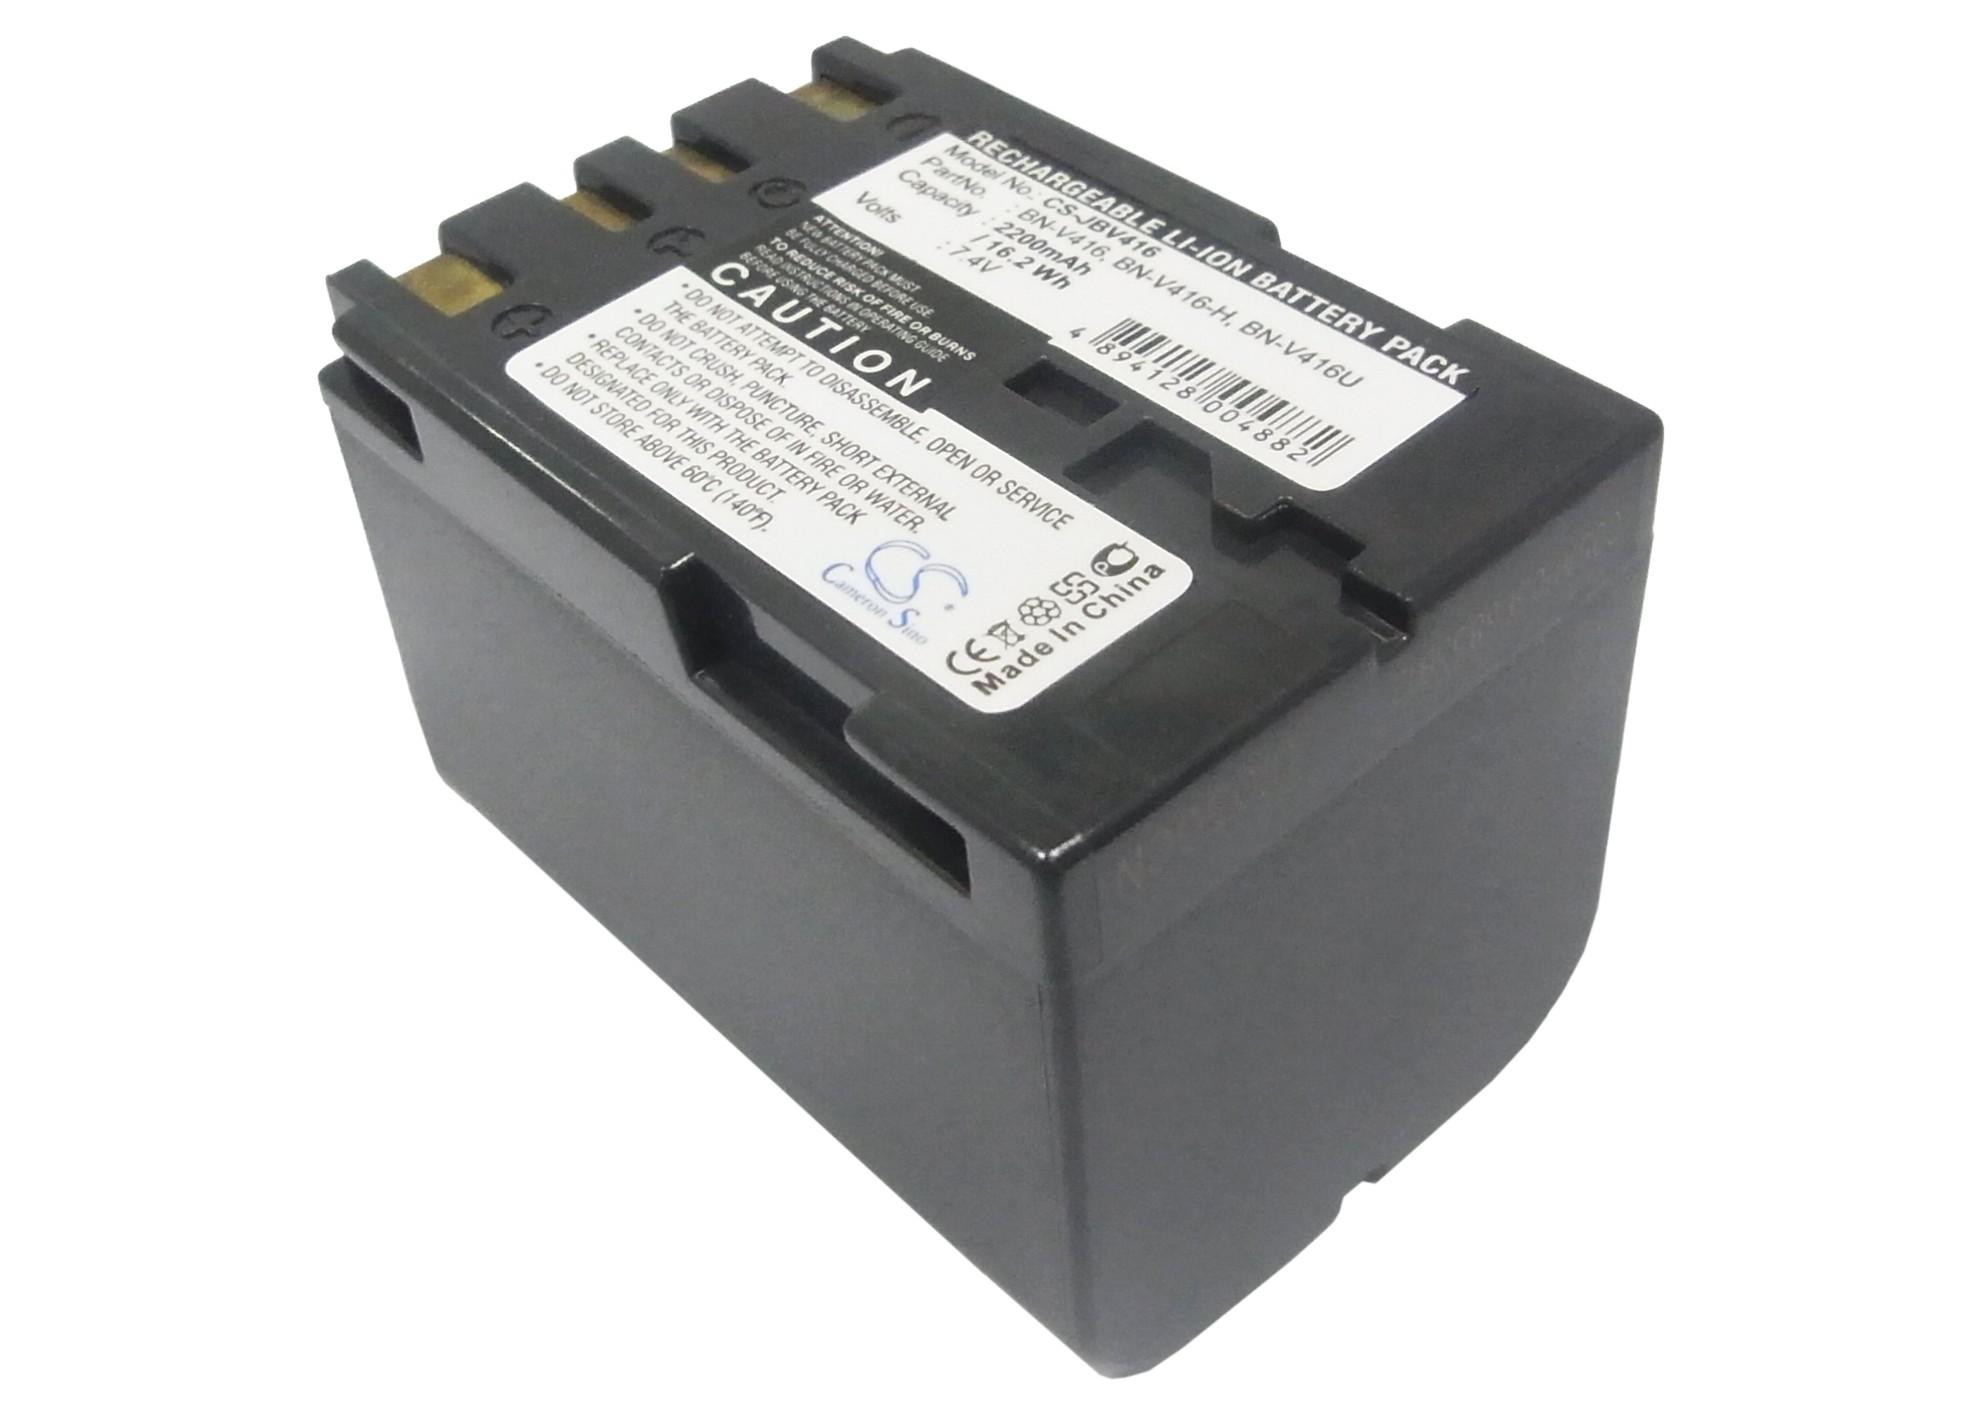 Cameron Sino baterie do kamer a fotoaparátů pro JVC GR-D20 7.4V Li-ion 2200mAh tmavě šedá - neoriginální